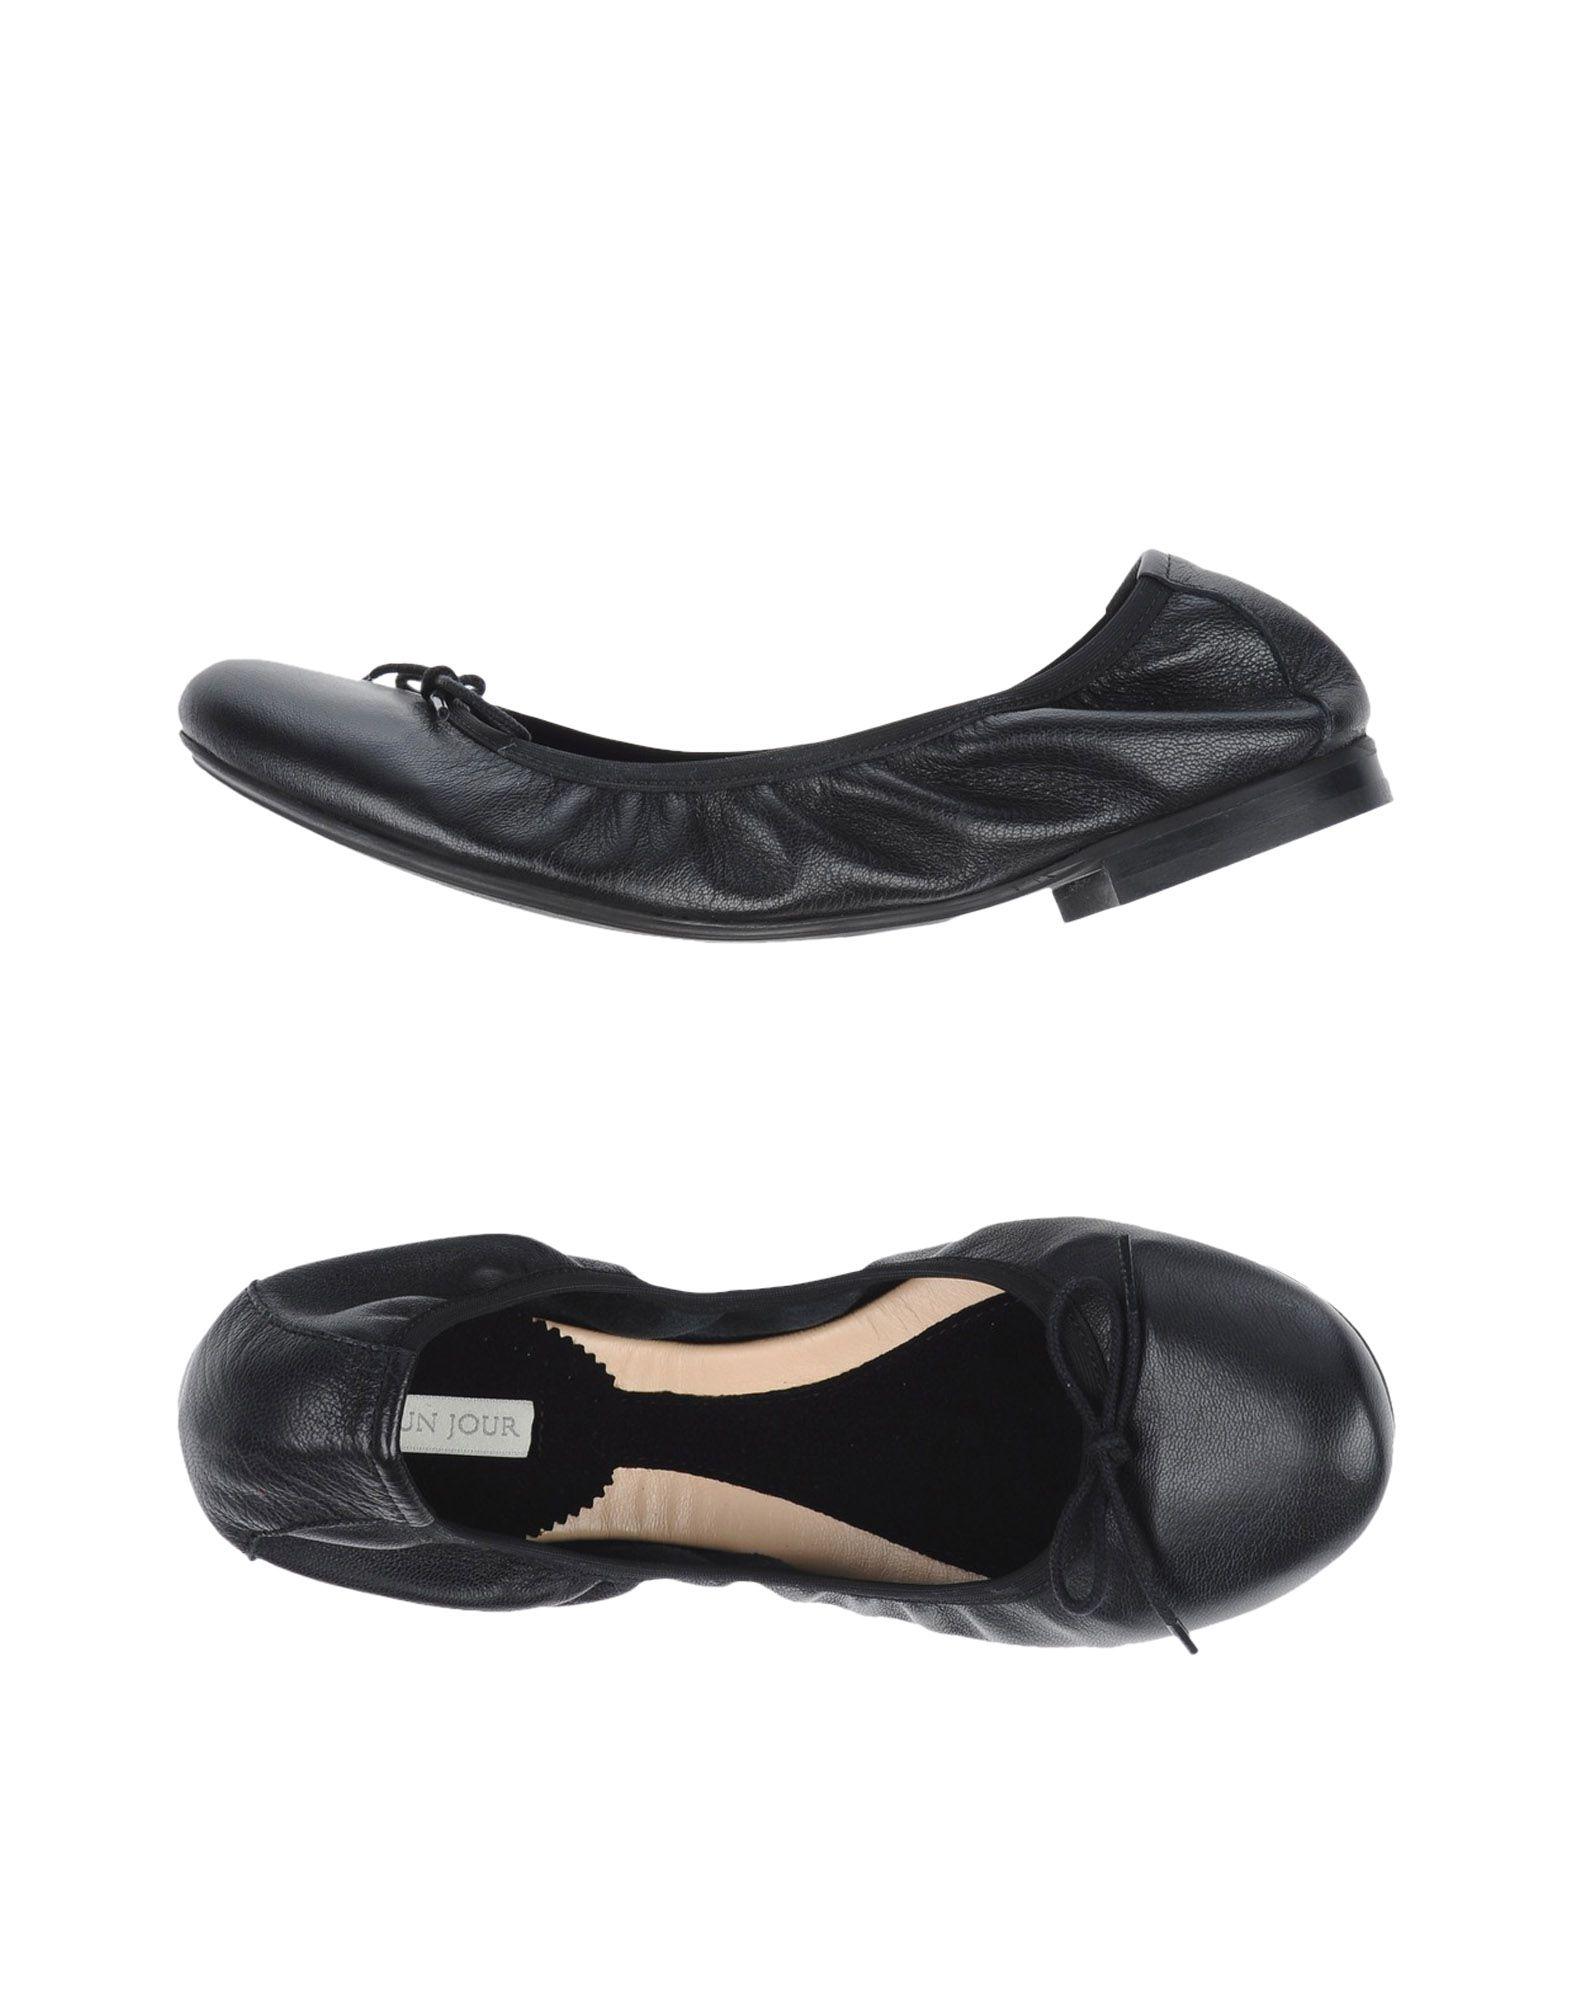 Rêve D'un Jour Qualität Ballerinas Damen  11343235RB Gute Qualität Jour beliebte Schuhe a22a2c